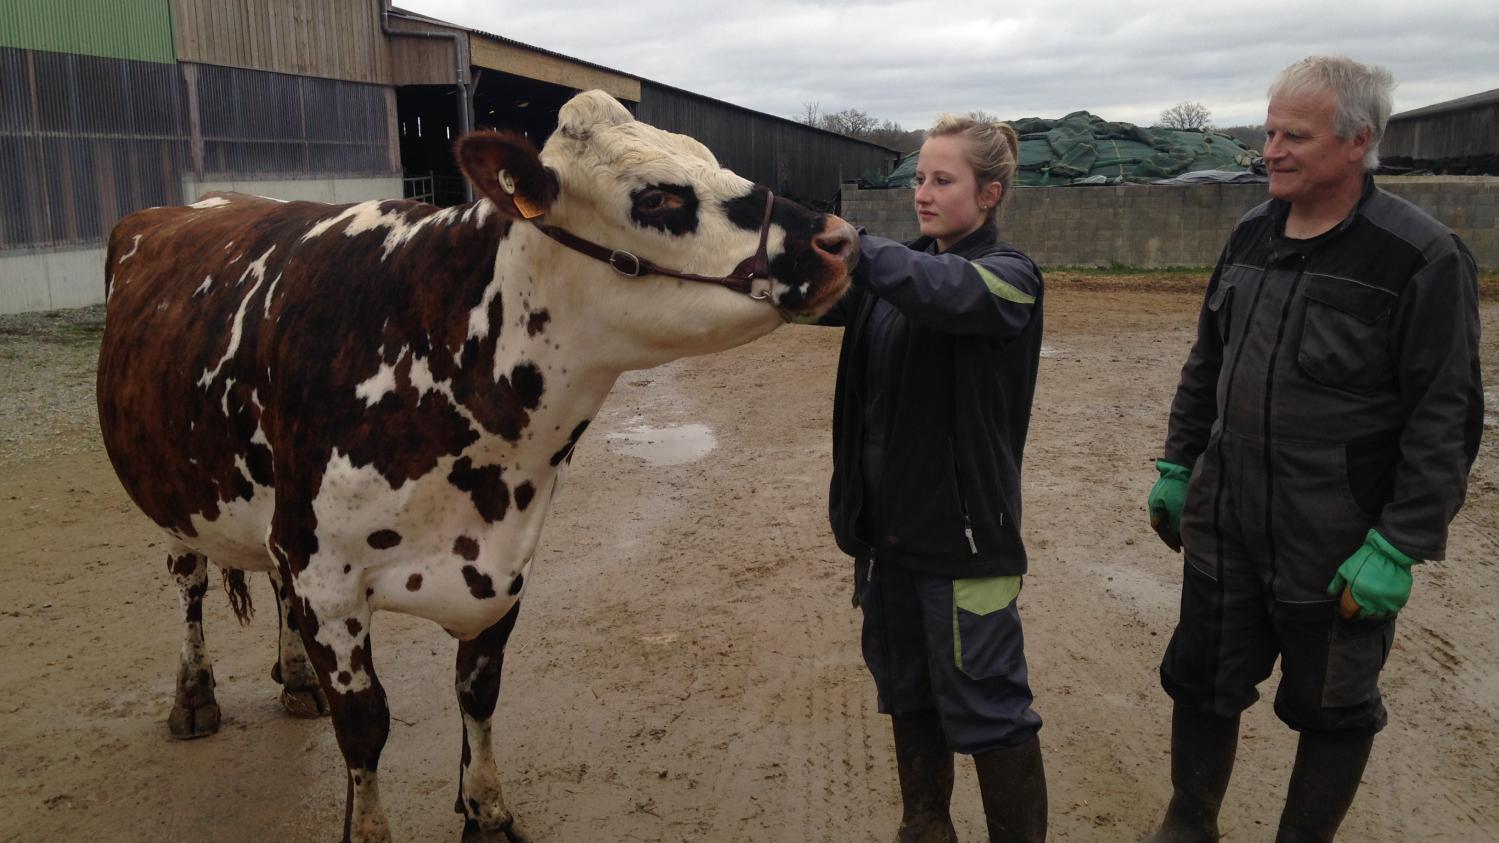 Salon de l 39 agriculture la vache gentiane s 39 appr te for Salon de l agriculture porte m